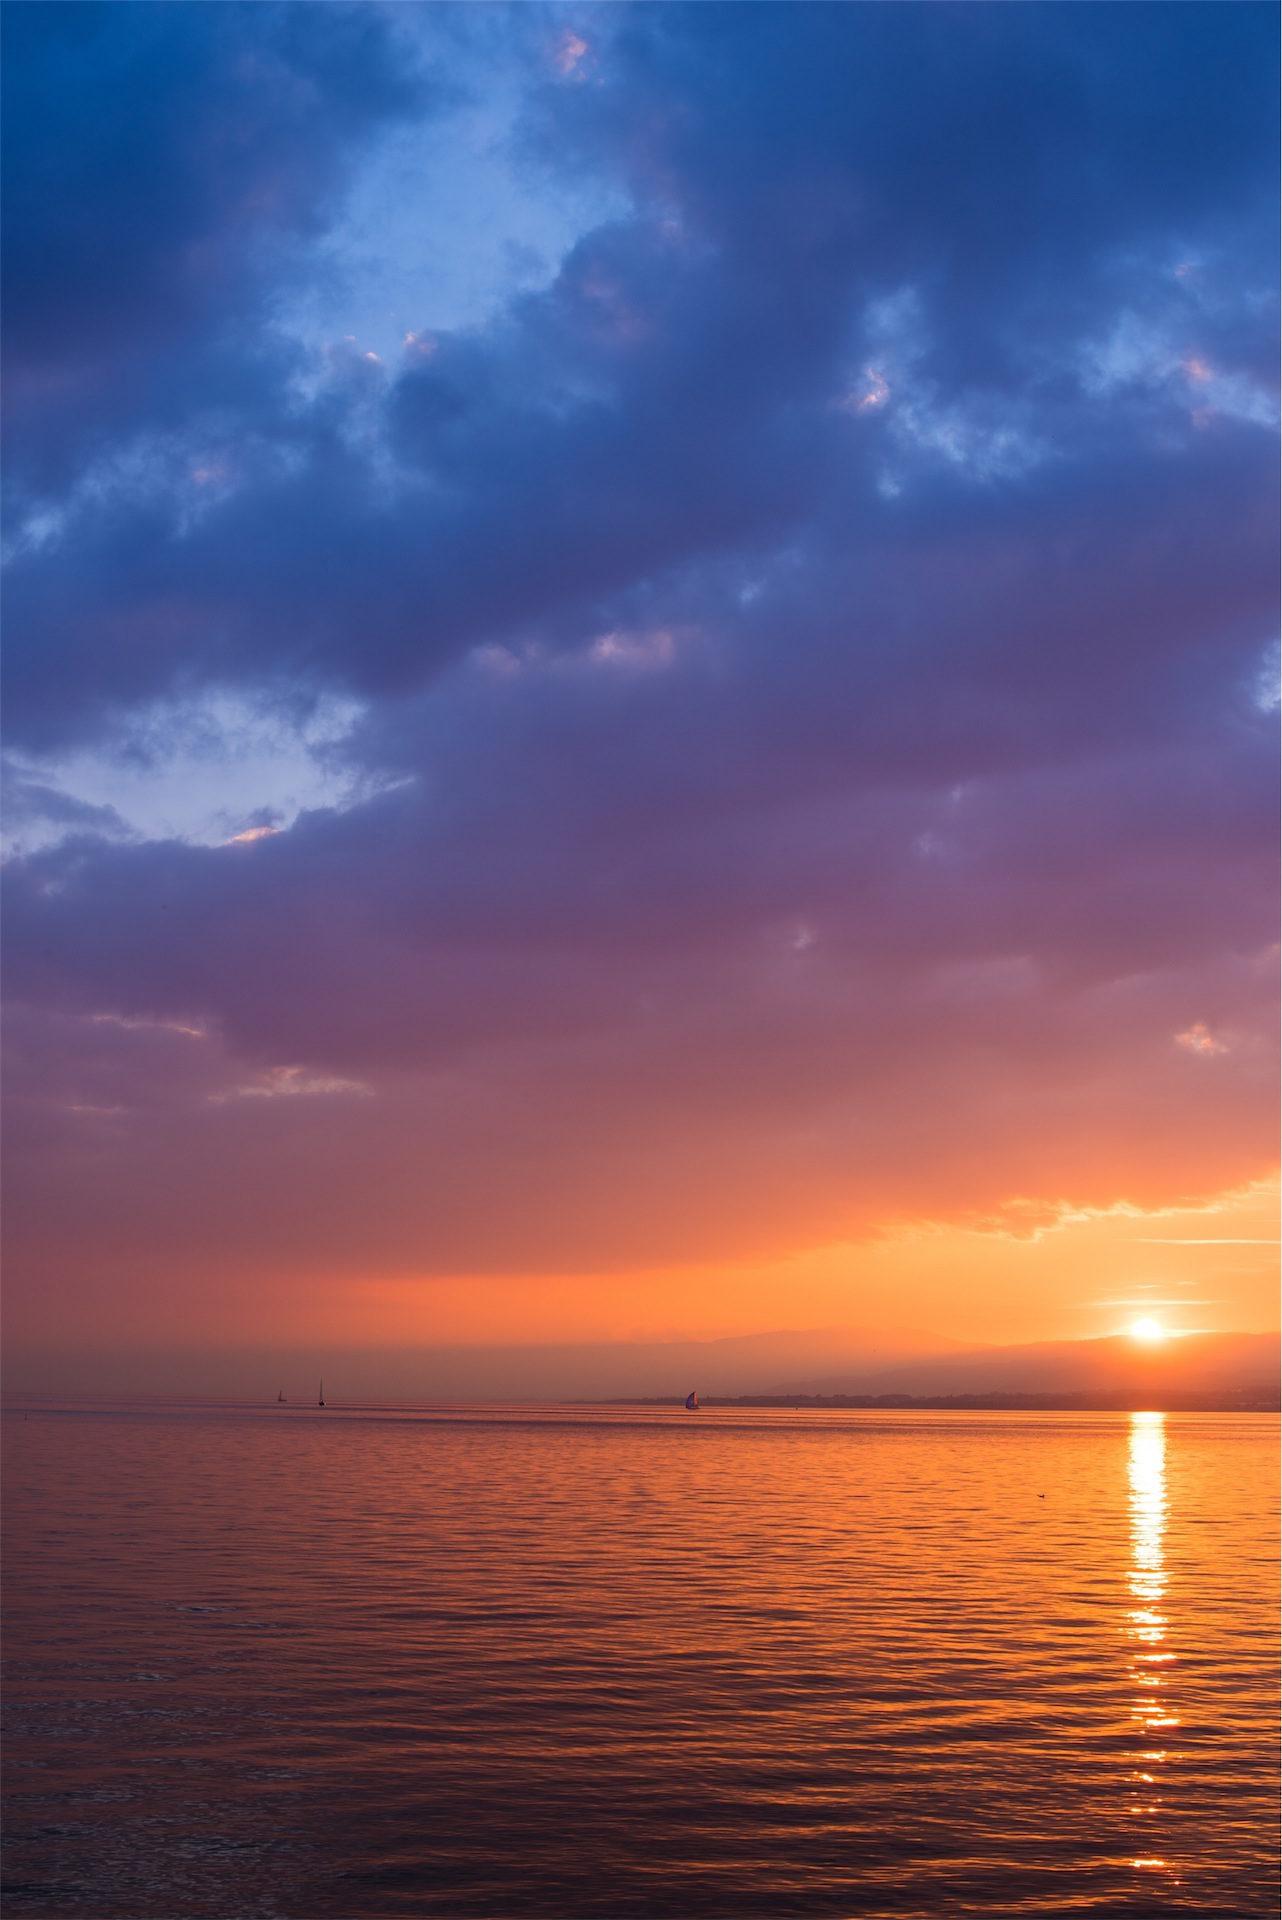 Cielo, Tramonto, nuvole, colorato, Mare - Sfondi HD - Professor-falken.com